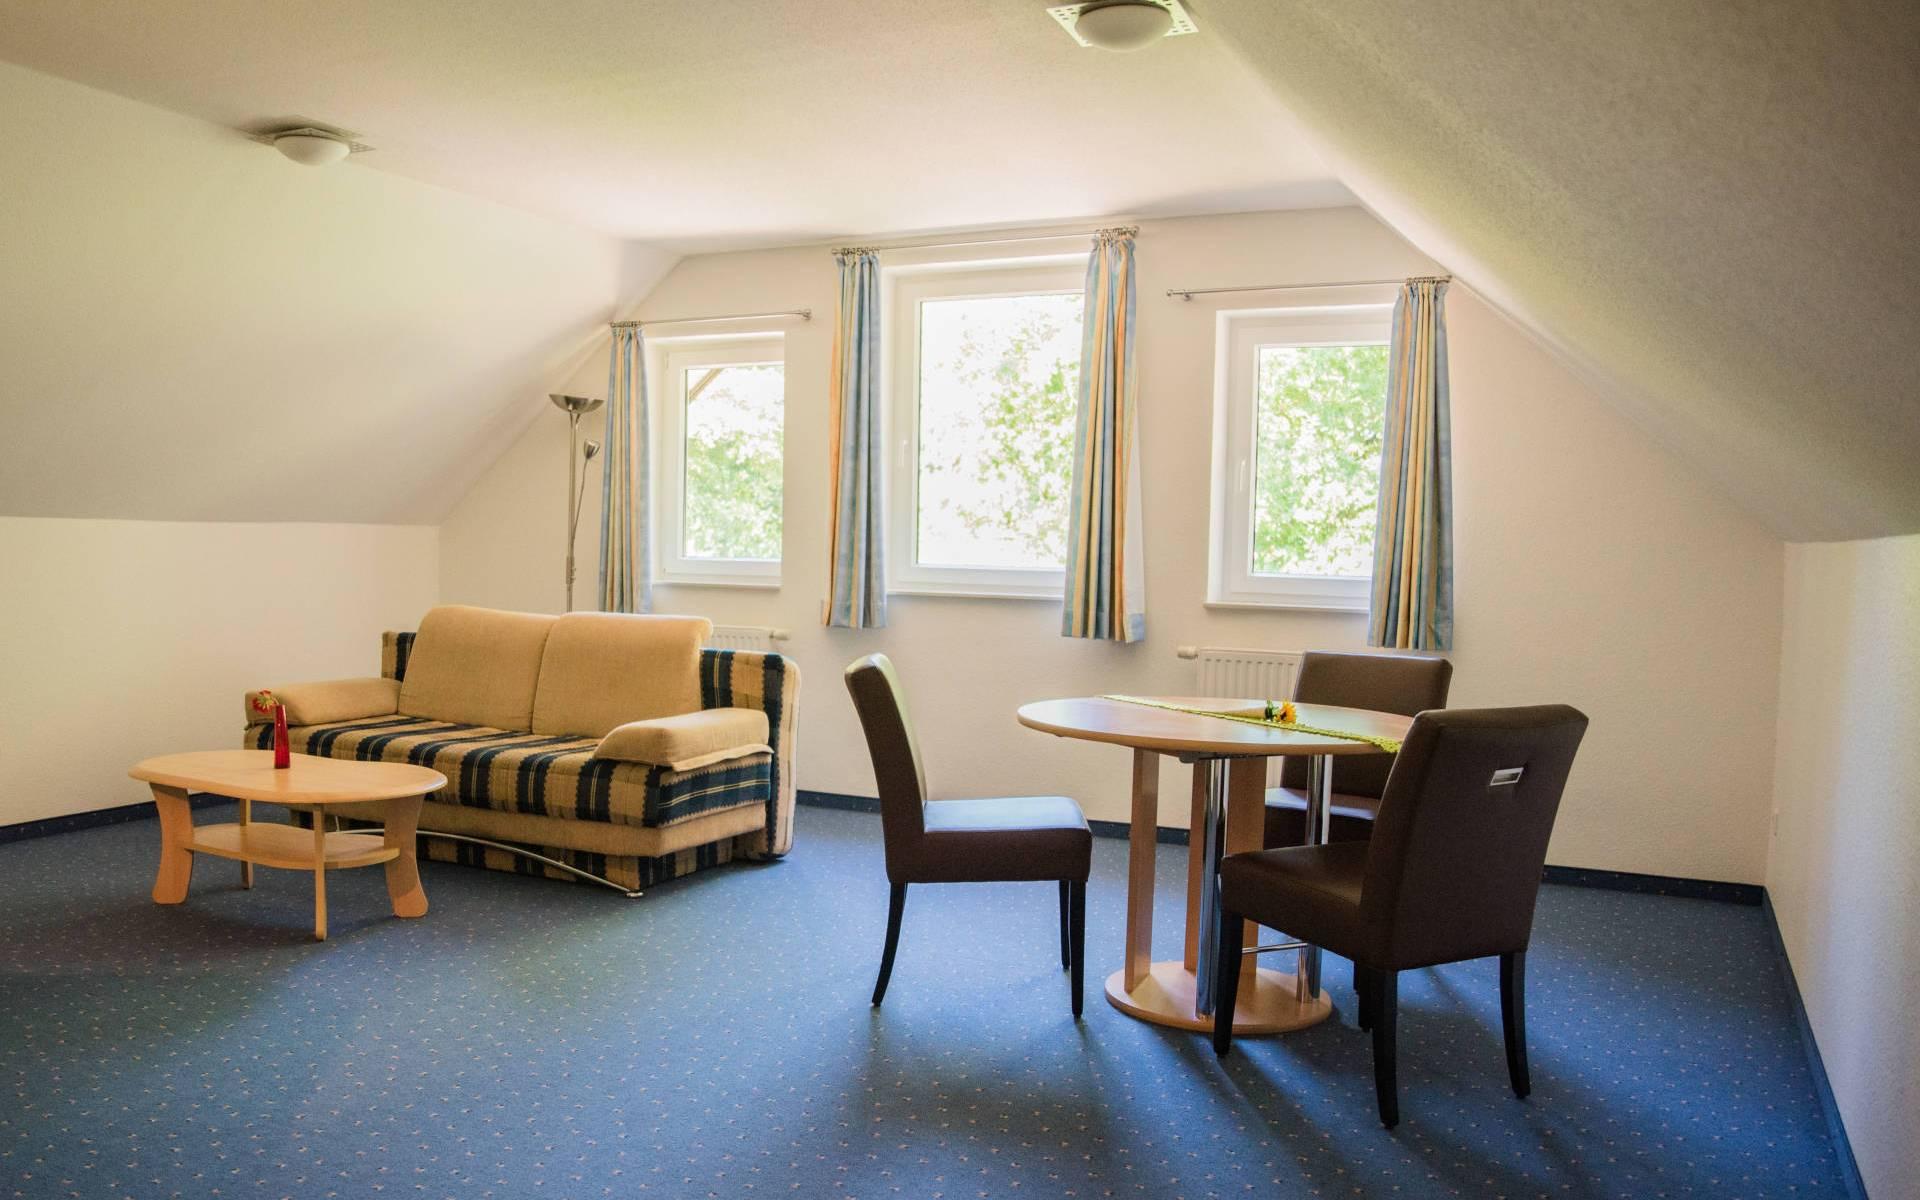 Appartement im Hotel Heilemann